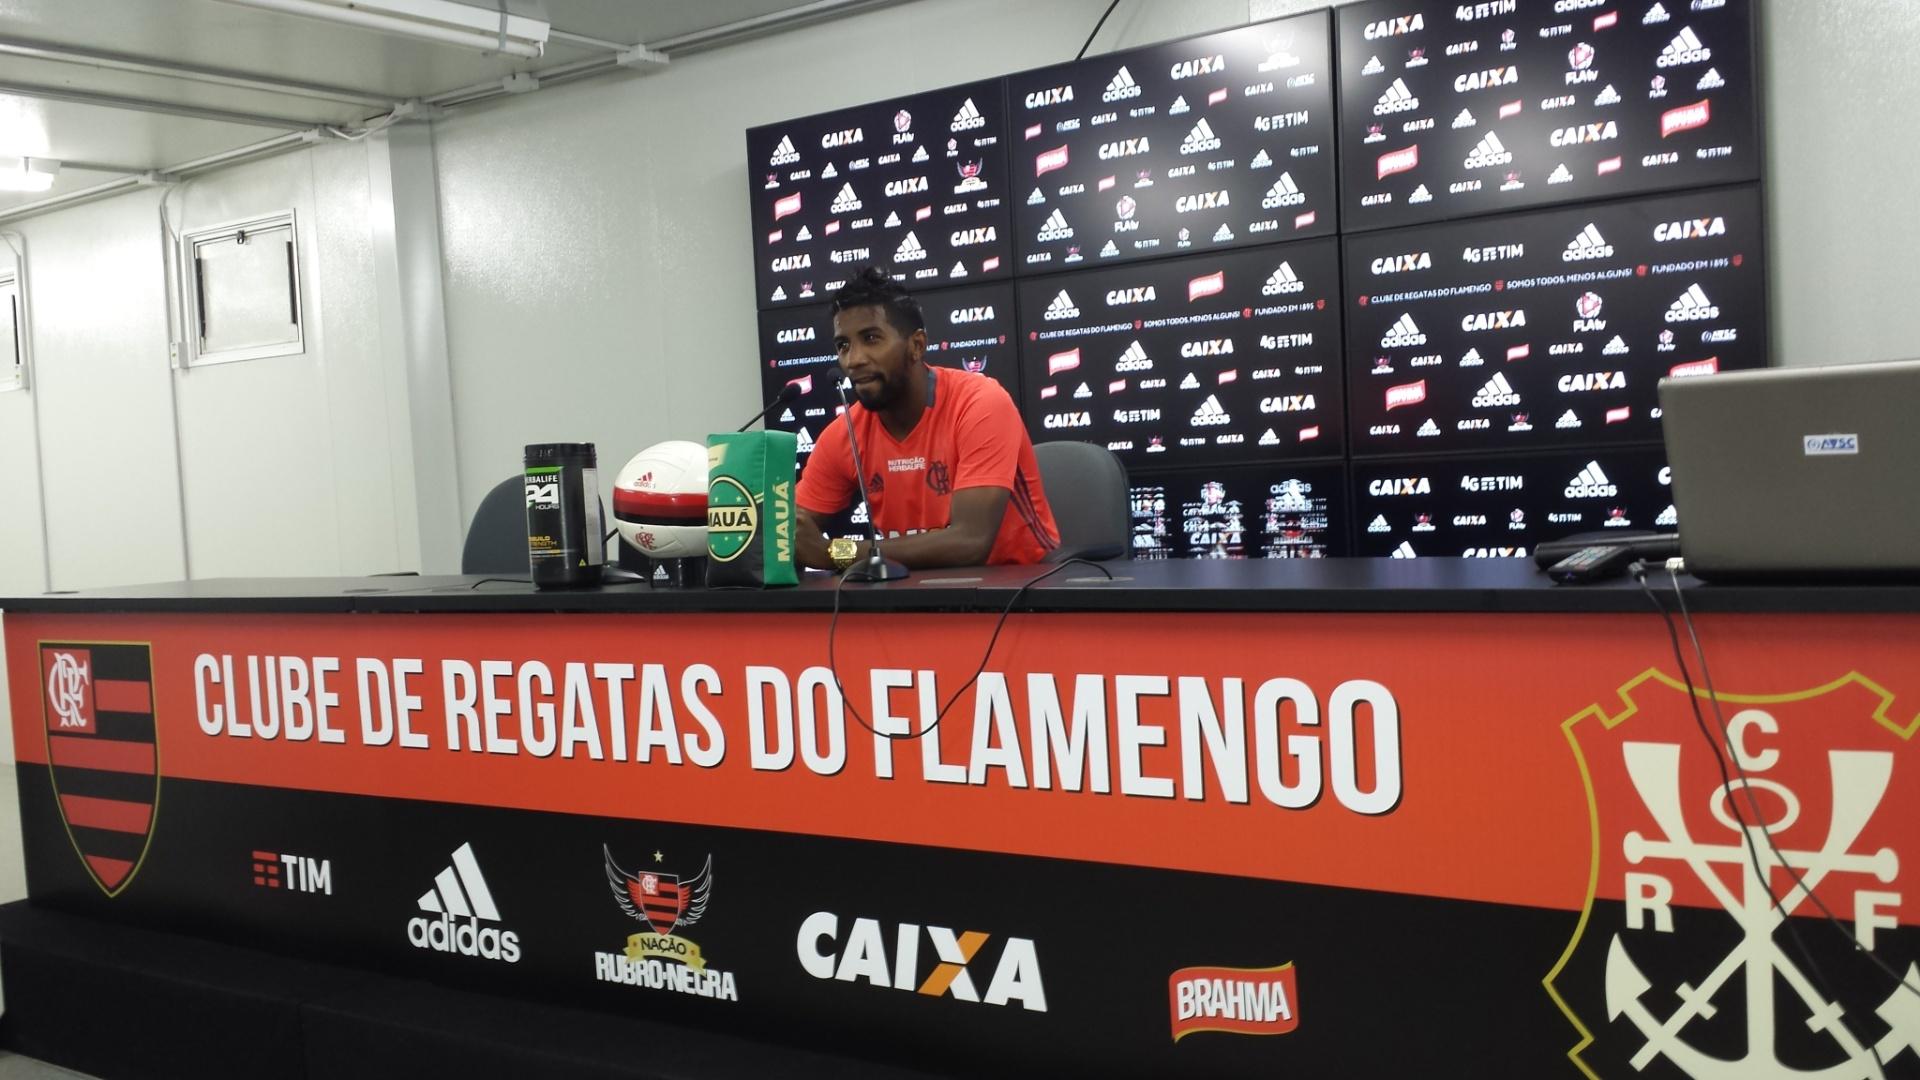 O lateral-direito Rodinei concede entrevista coletiva no CT Ninho do Urubu